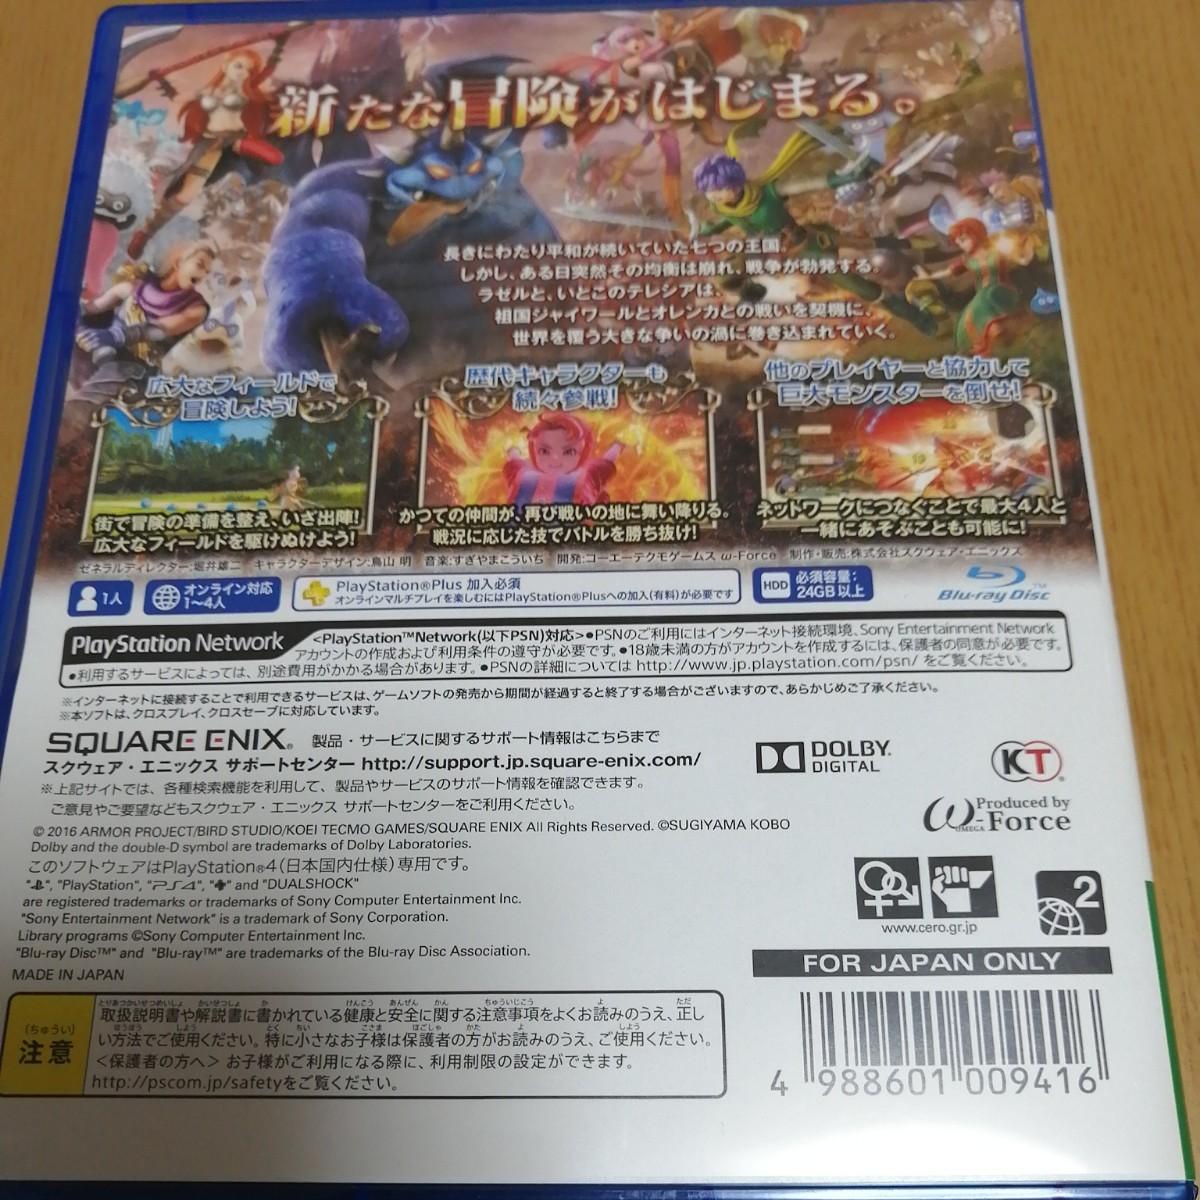 【PS4】 ドラゴンクエストヒーローズII  双子の王と予言の終わり ドラクエ